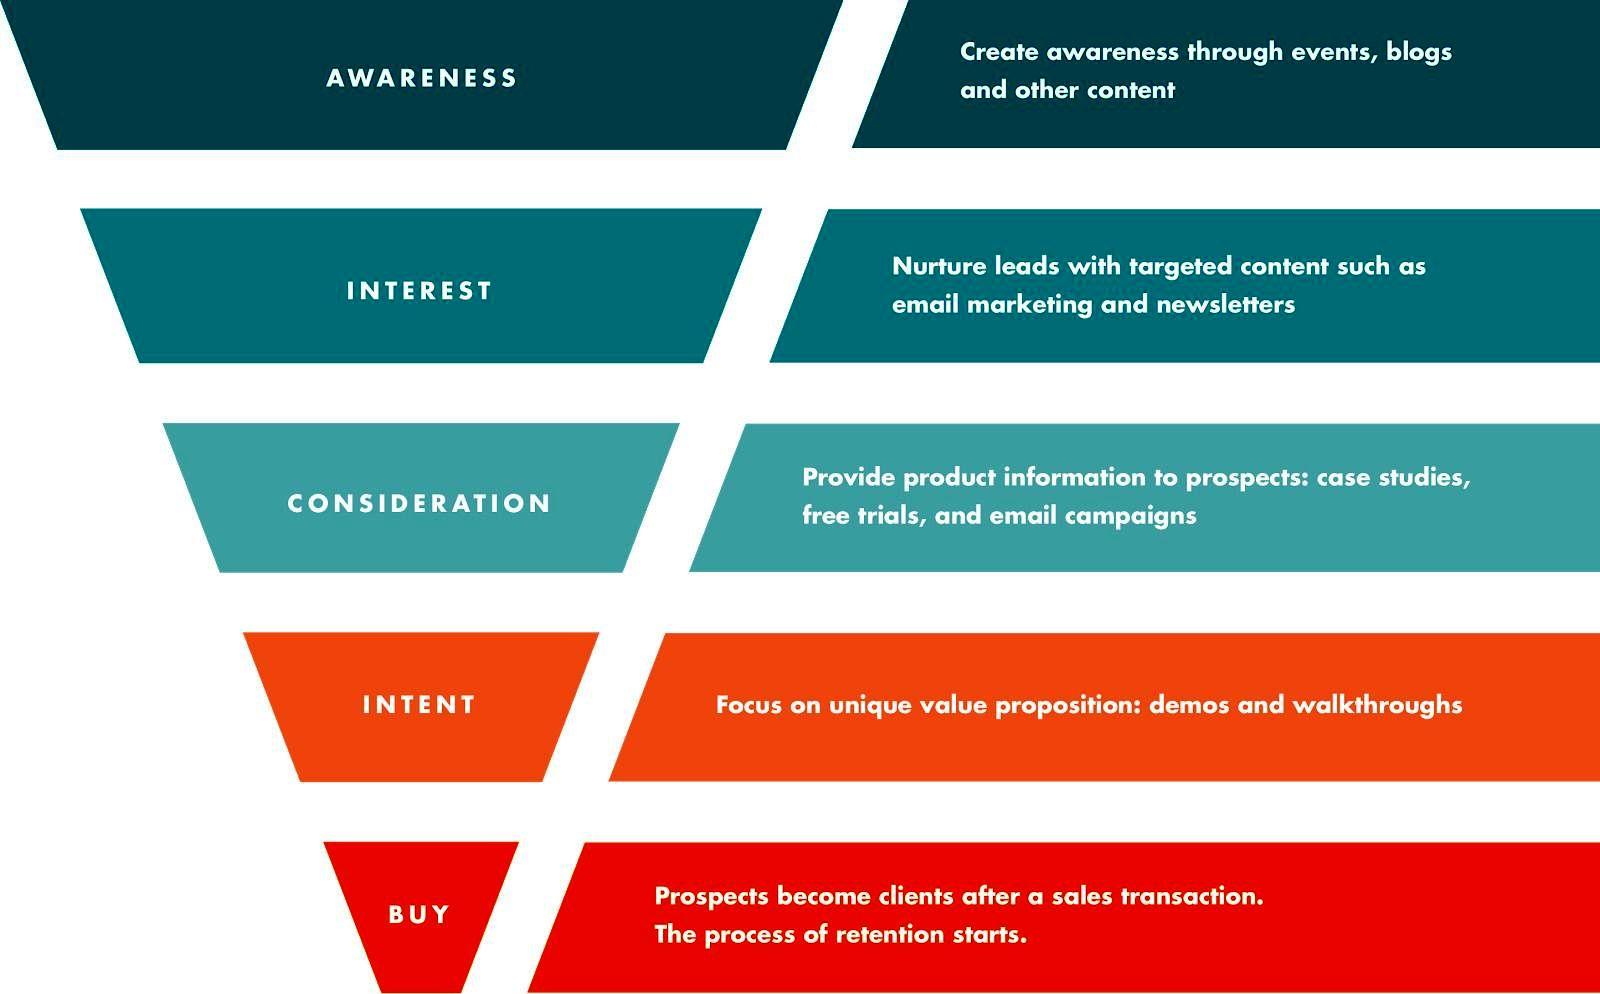 تولید محتوا و بهینه سازی قیف فروش و نرخ تبدیل